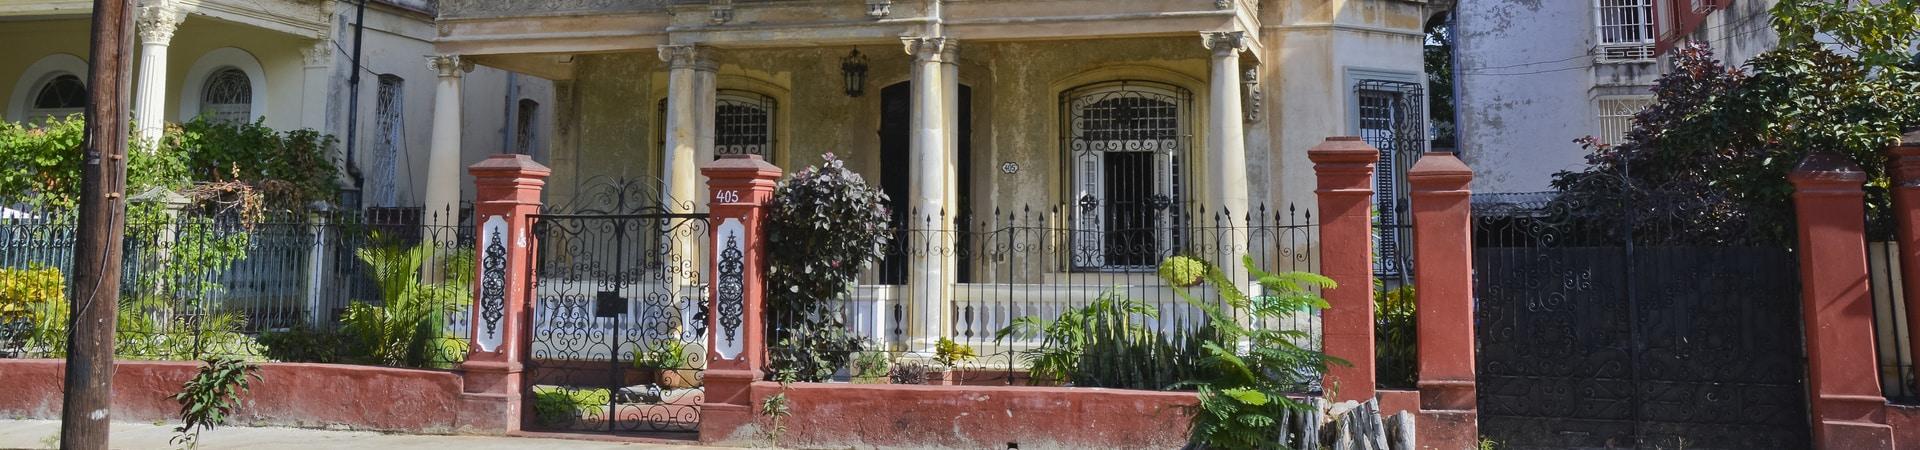 Quartier du Vedado à Cuba